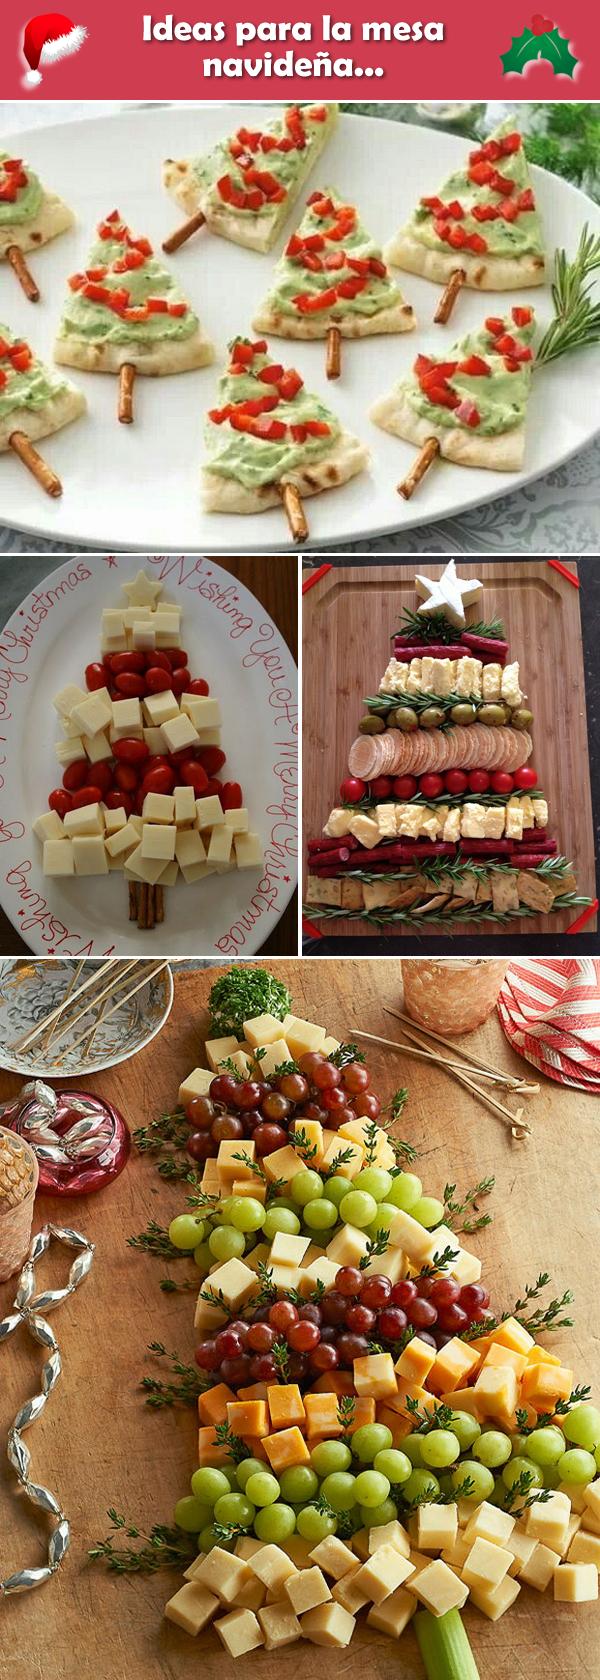 Platos salados para la mesa navideña. Comidad para Navidad ...